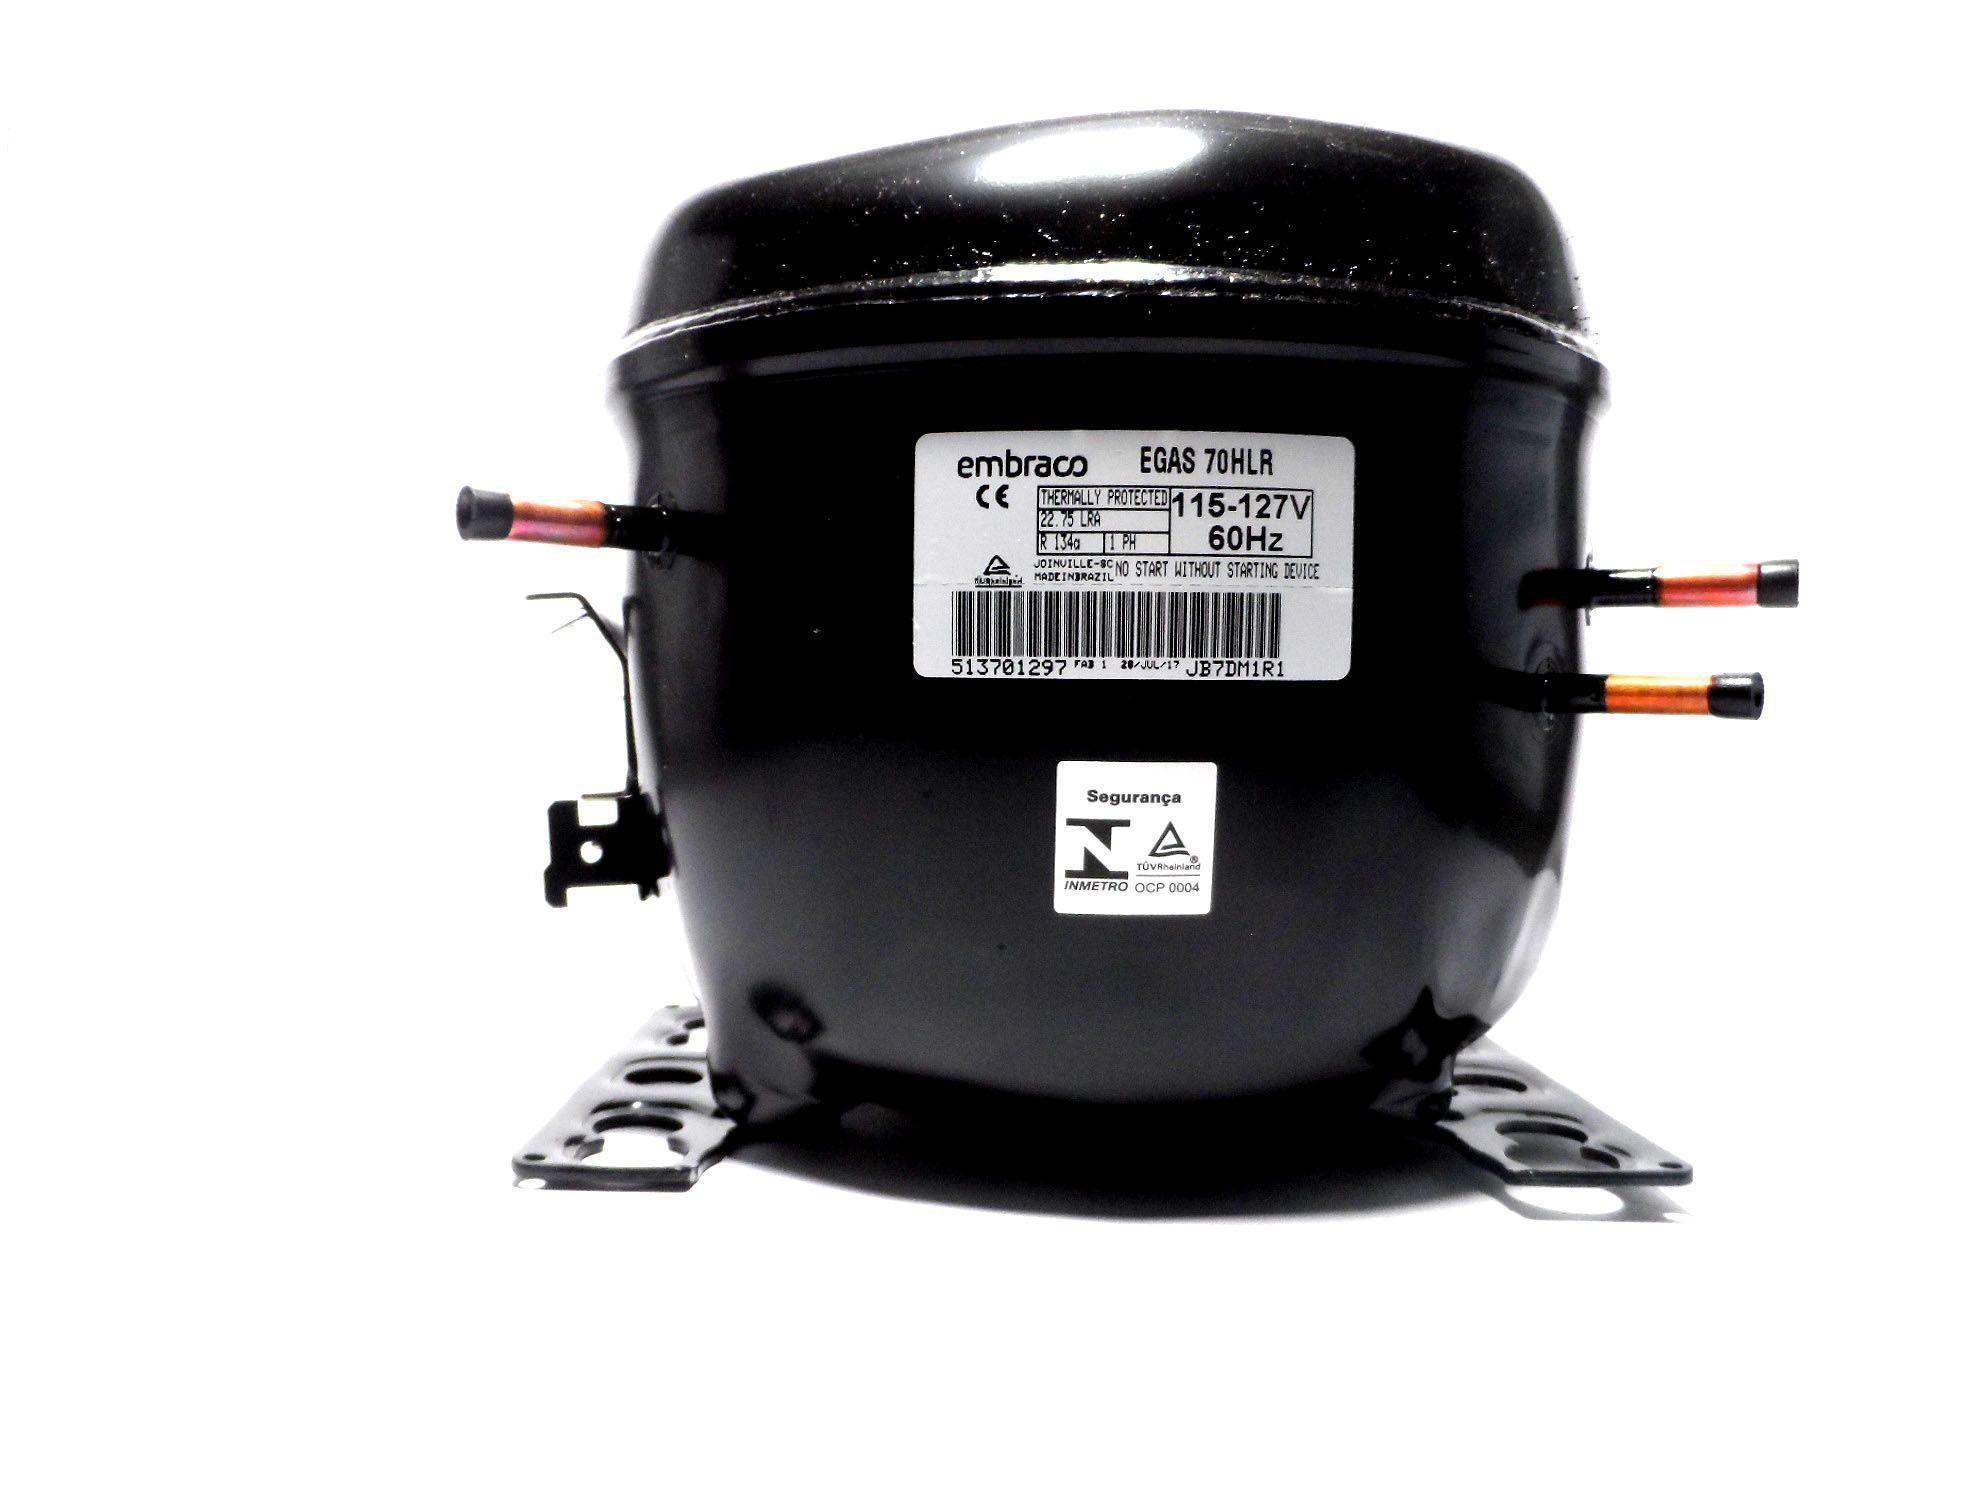 Motor Compressor Embraco 1/5+ 127V R134 Geladeira EGAS70HLR W10330848